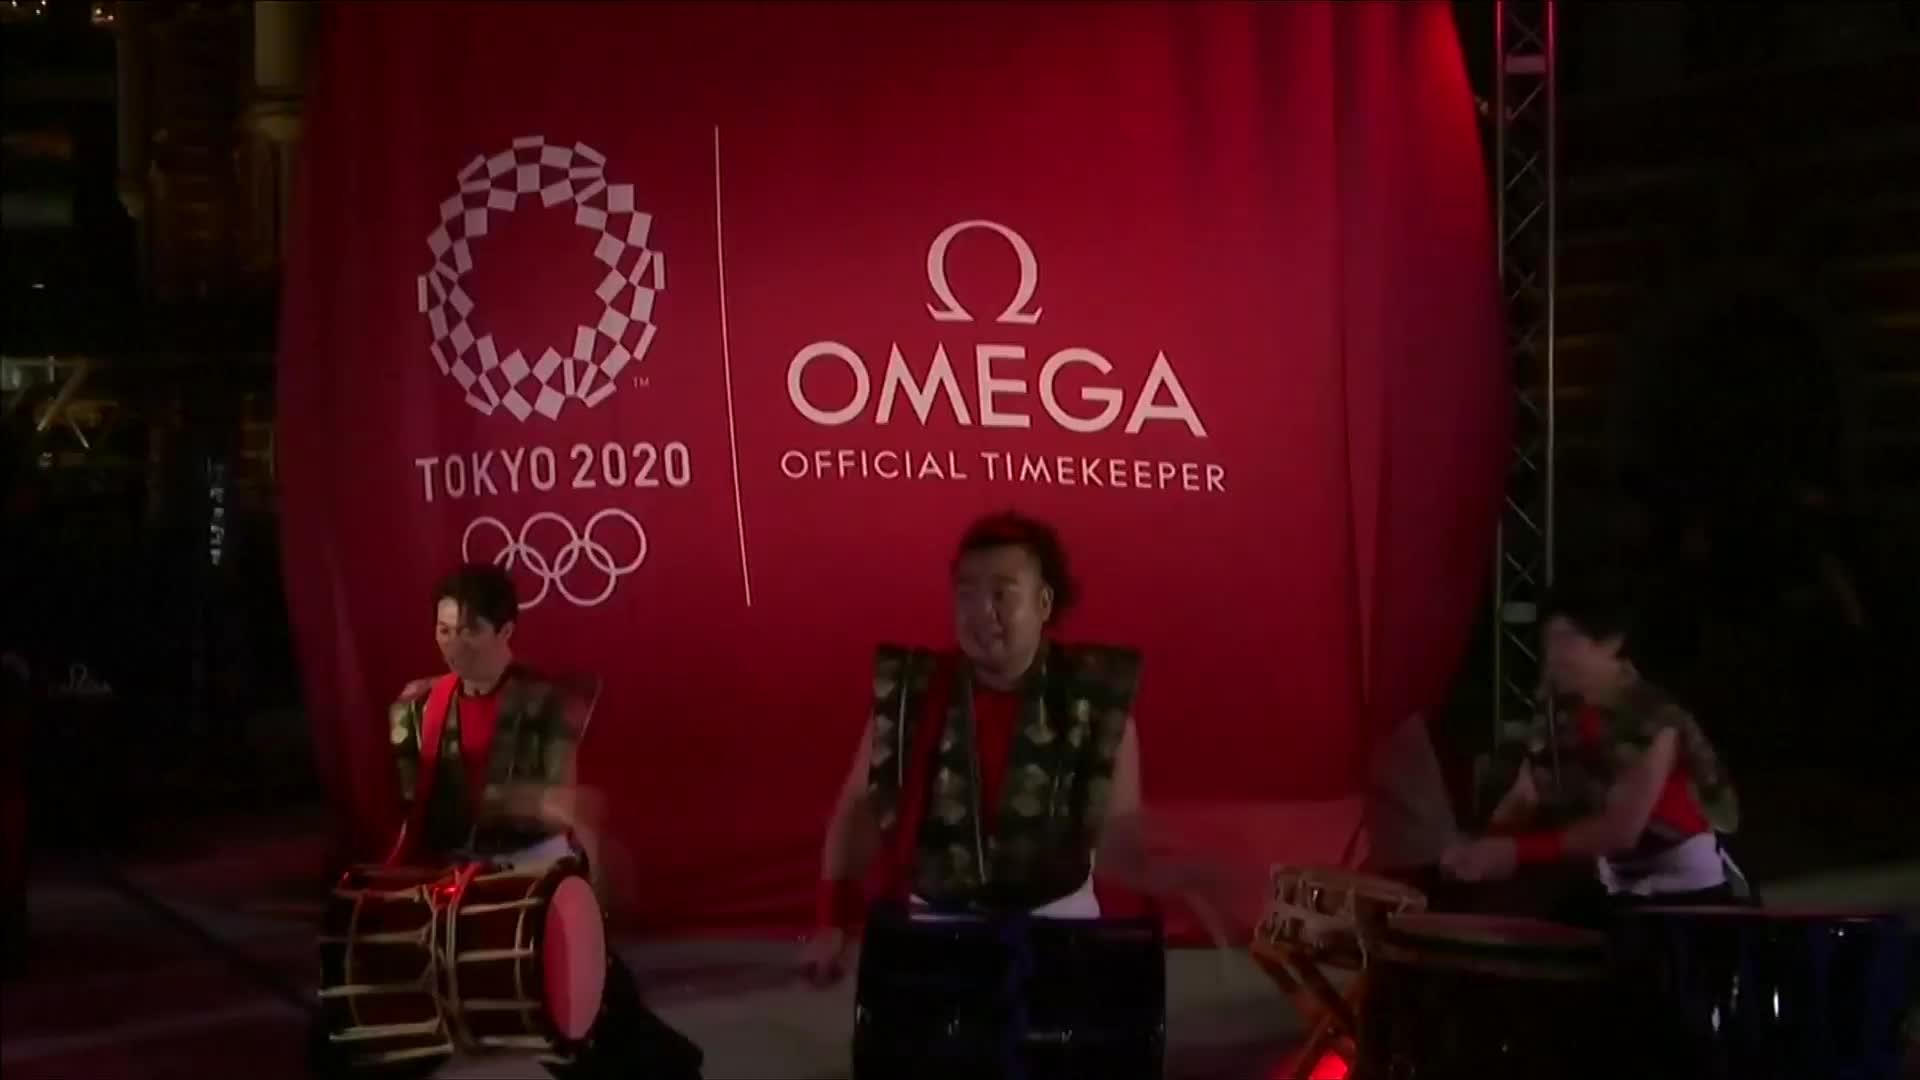 東京奧運剩365天 丸之內揭曉倒數計時器